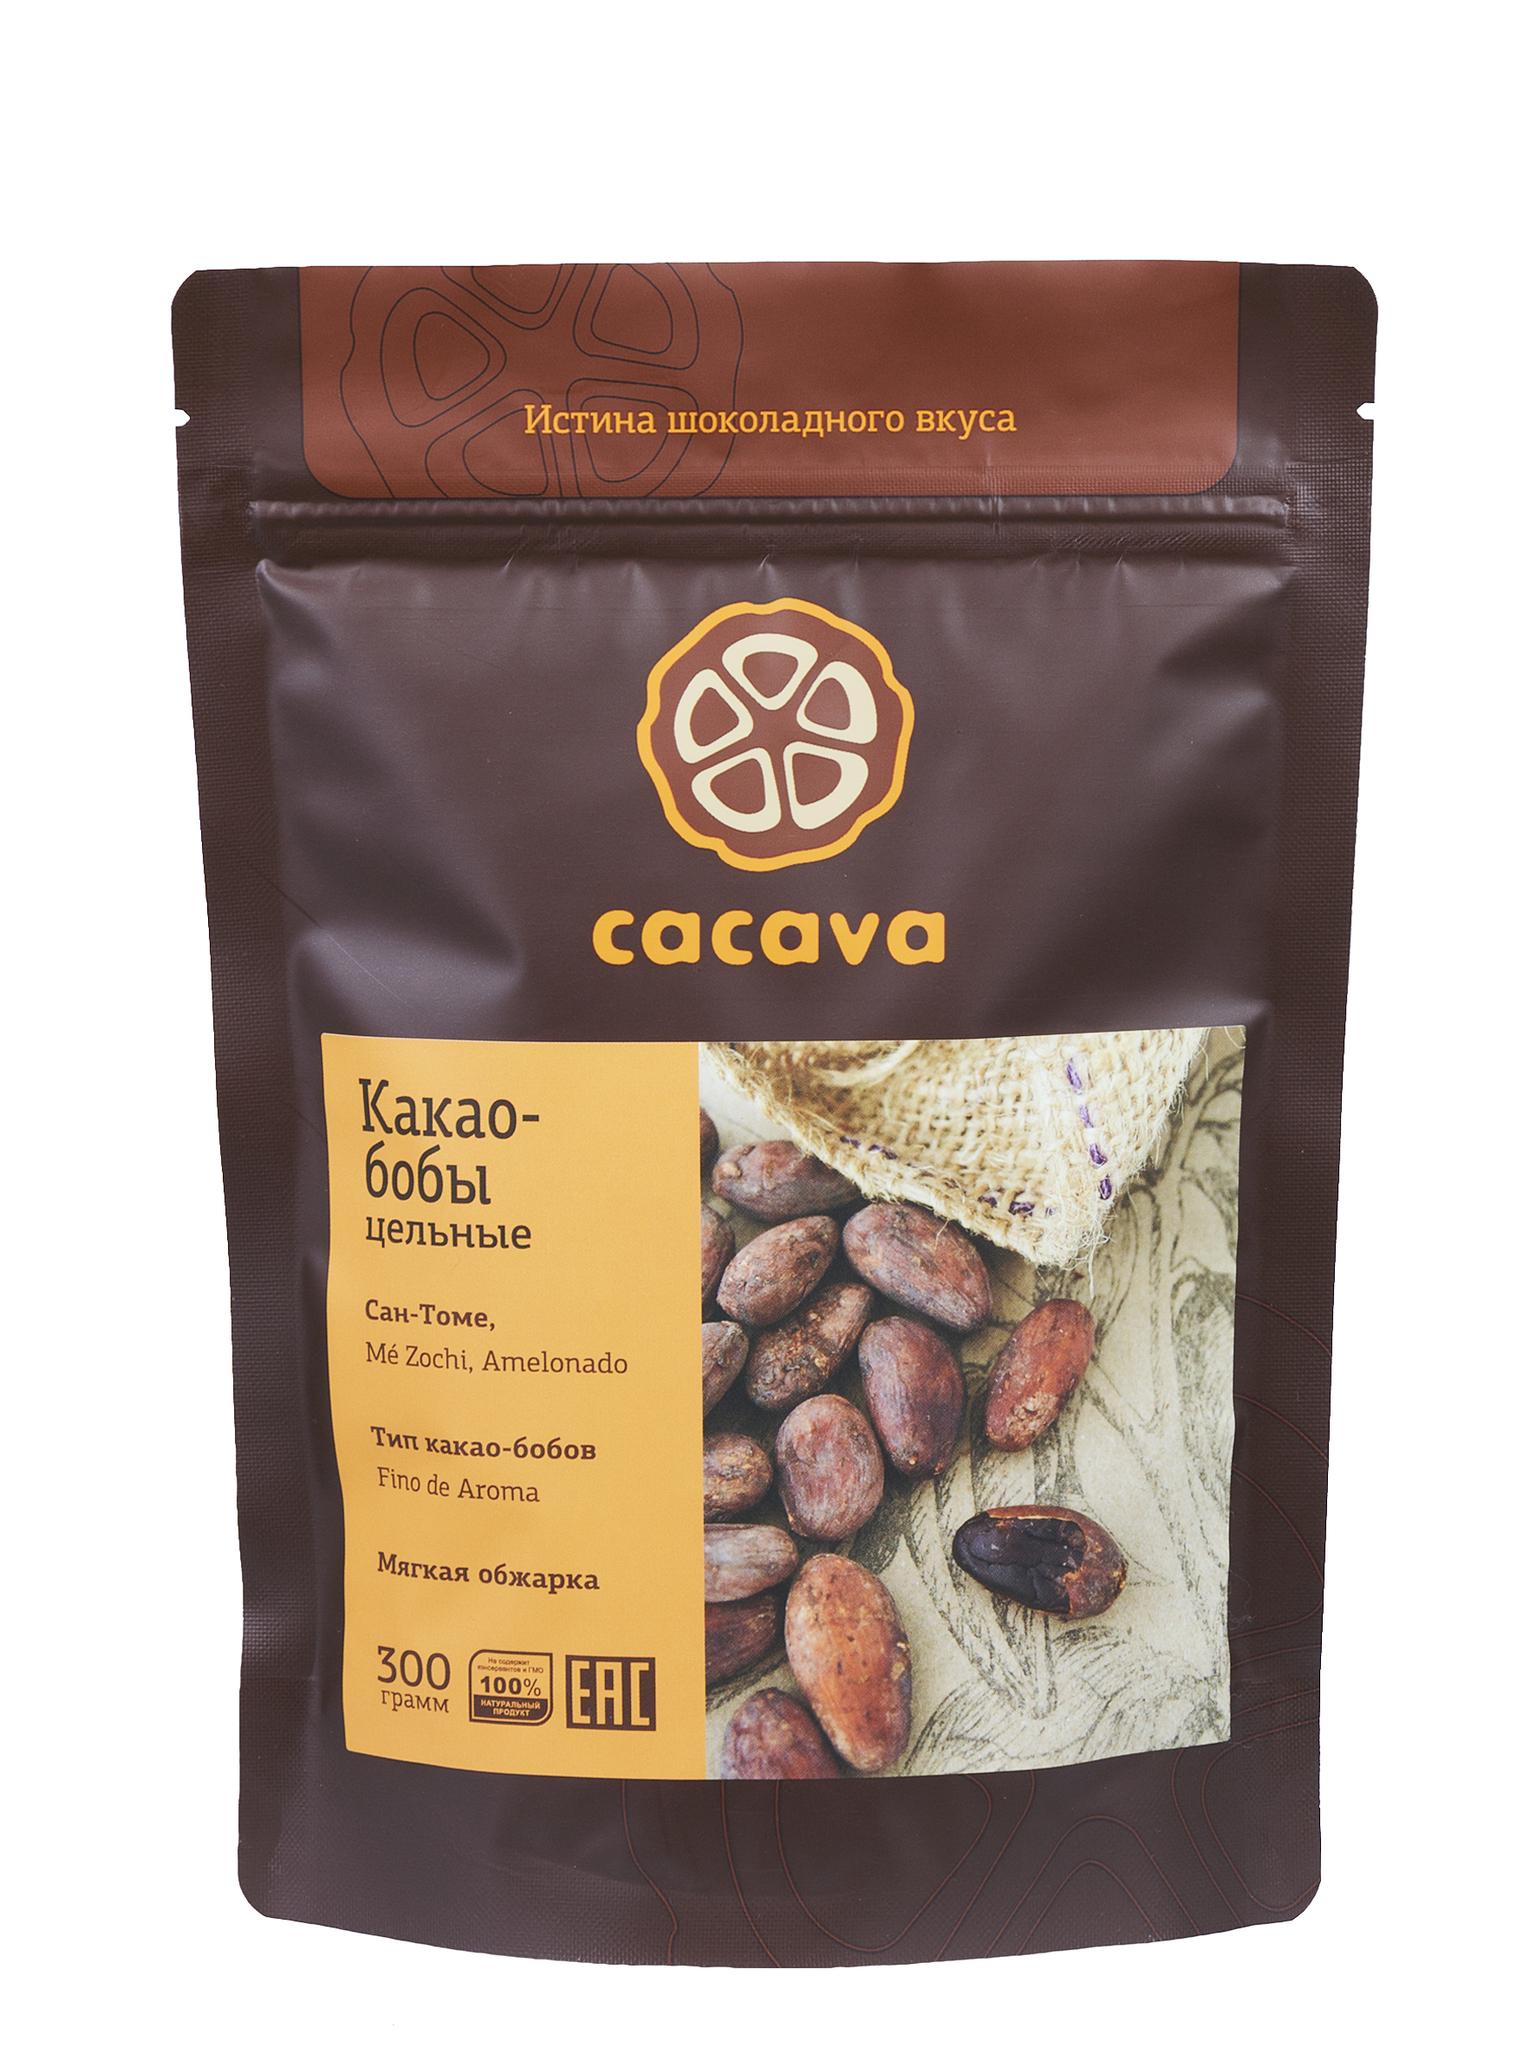 Какао-бобы цельные (Сан-Томе), упаковка 300 грамм